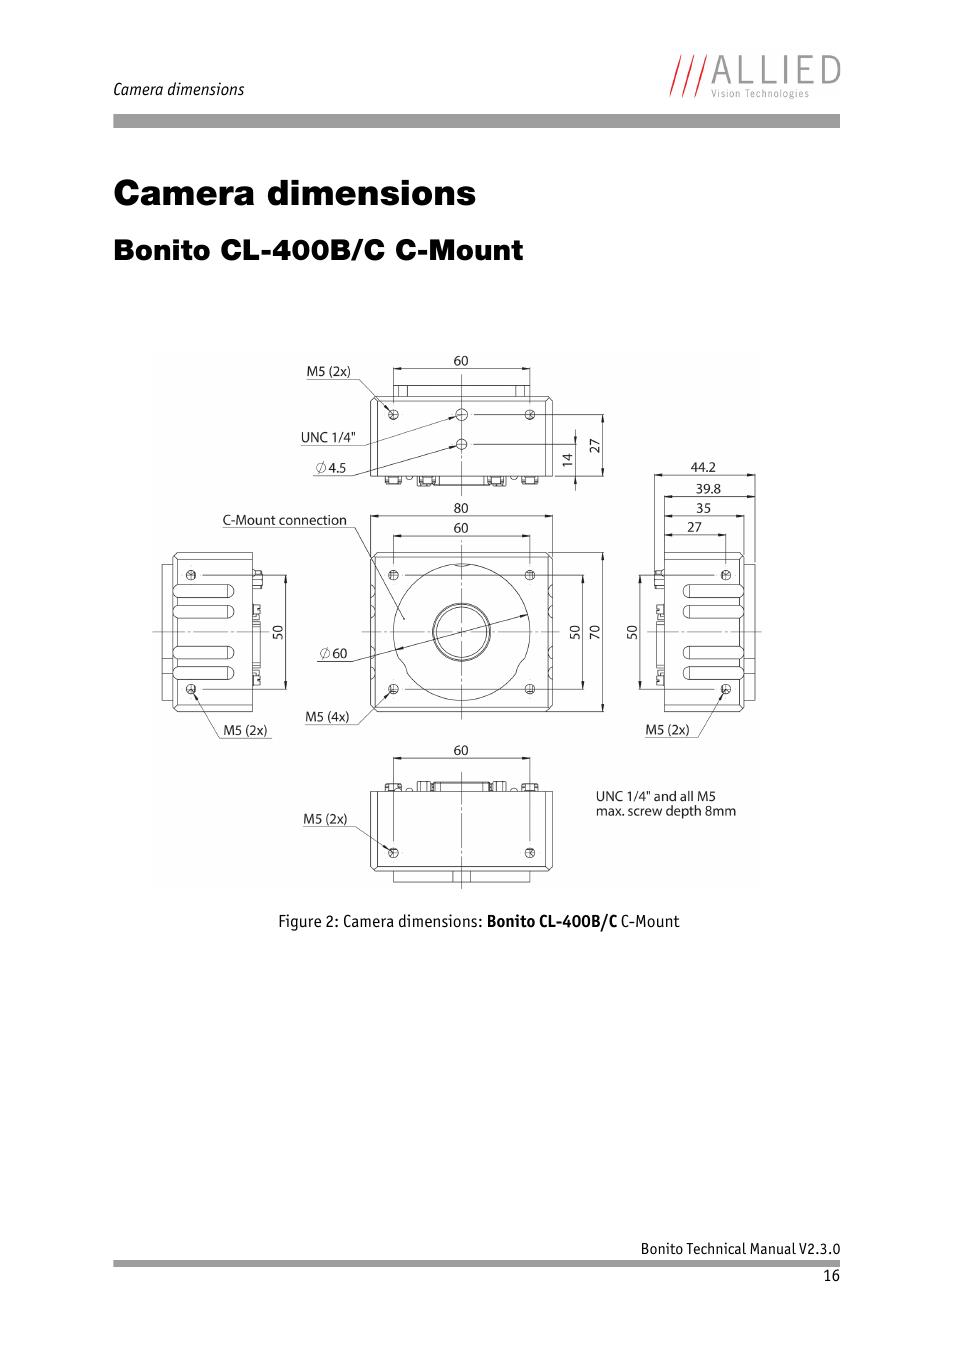 Camera dimensions, Bonito cl-400b/c c-mount, Bonito cl